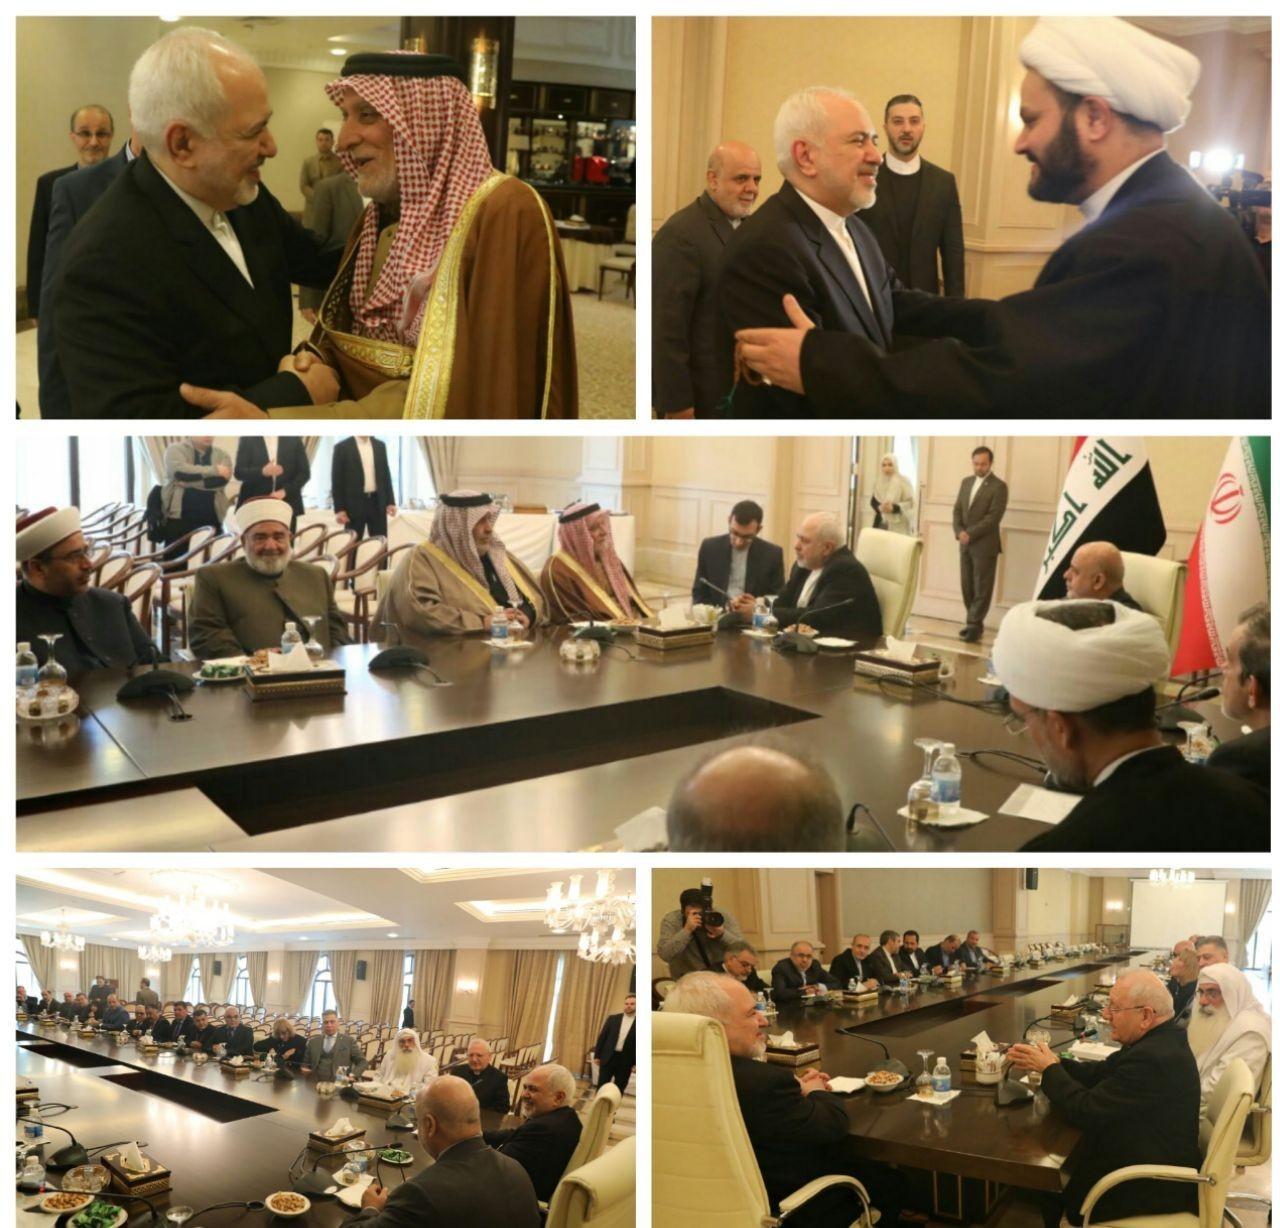 دیدار جمعی از شخصیتها و نمایندگان اقلیتهای دینی عراقی با ظریف